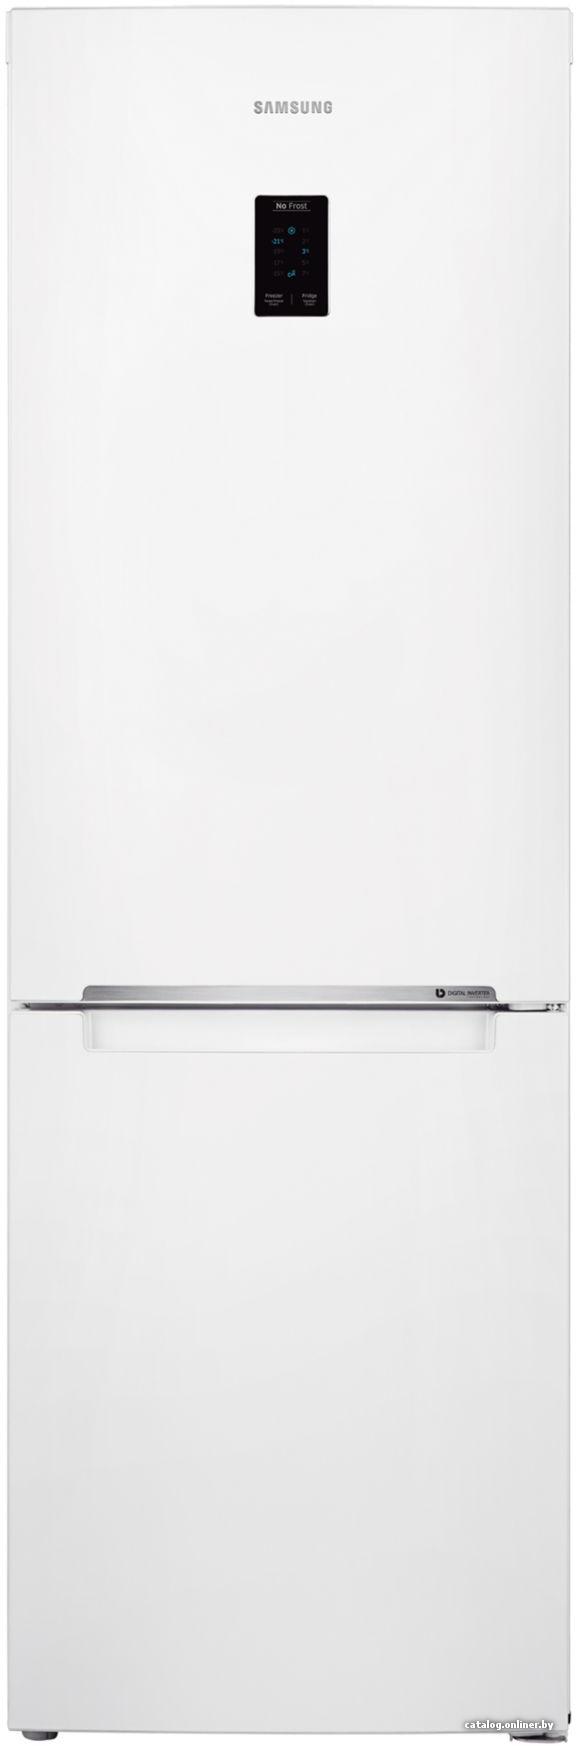 купить холодильник самсунг в минске